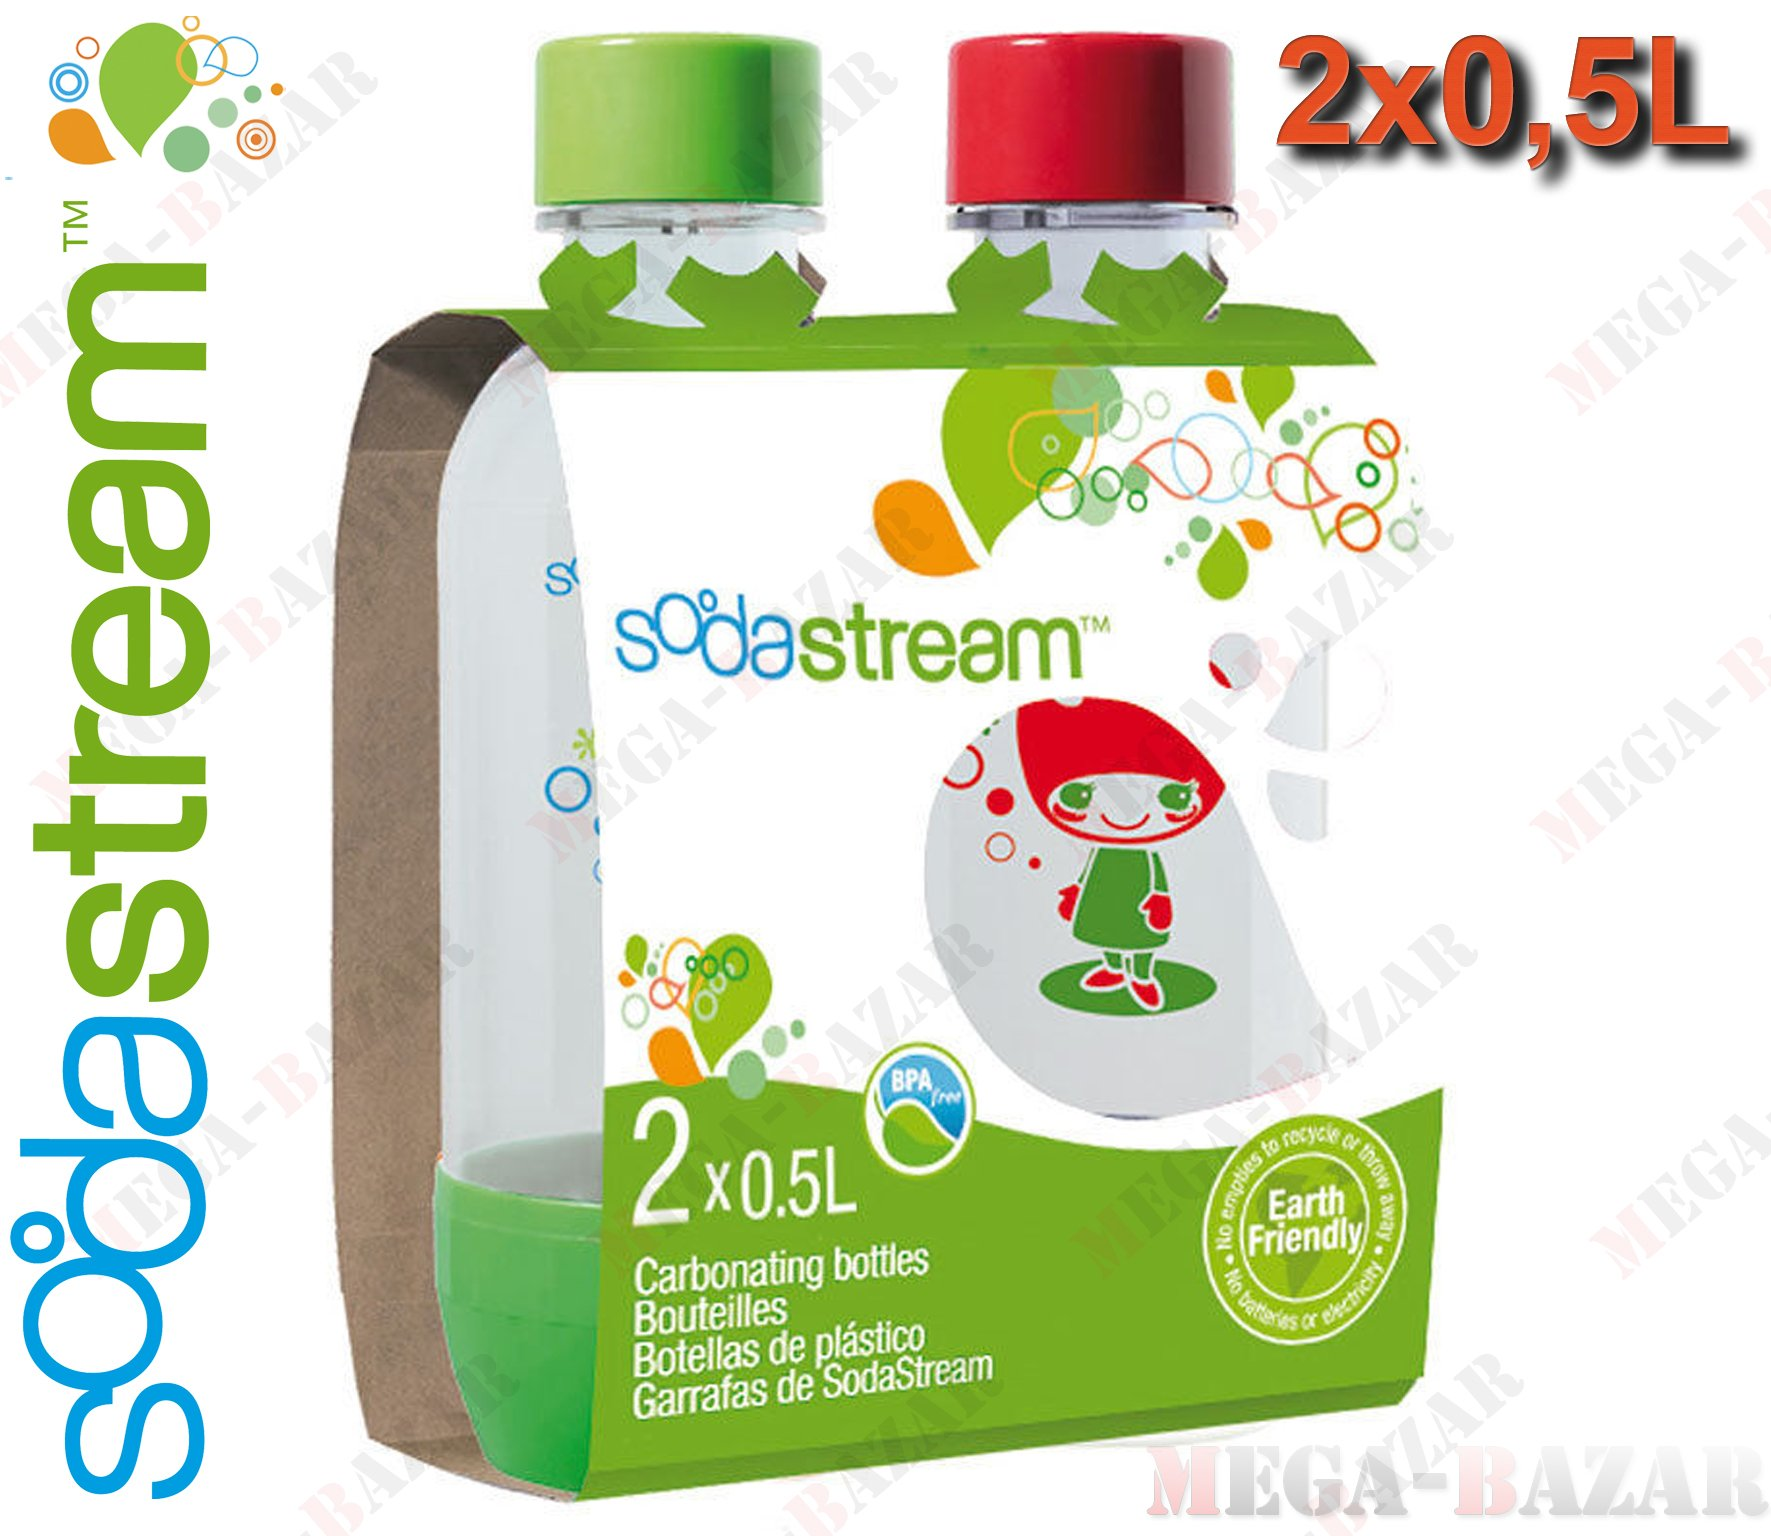 SodaStream Bottles - 100% ORIGINAL SodaStream Carbonating PET Bottles (2 x Bottles (Twinpack) - 0.5 Liter / 17.0 oz. Each Bottle)